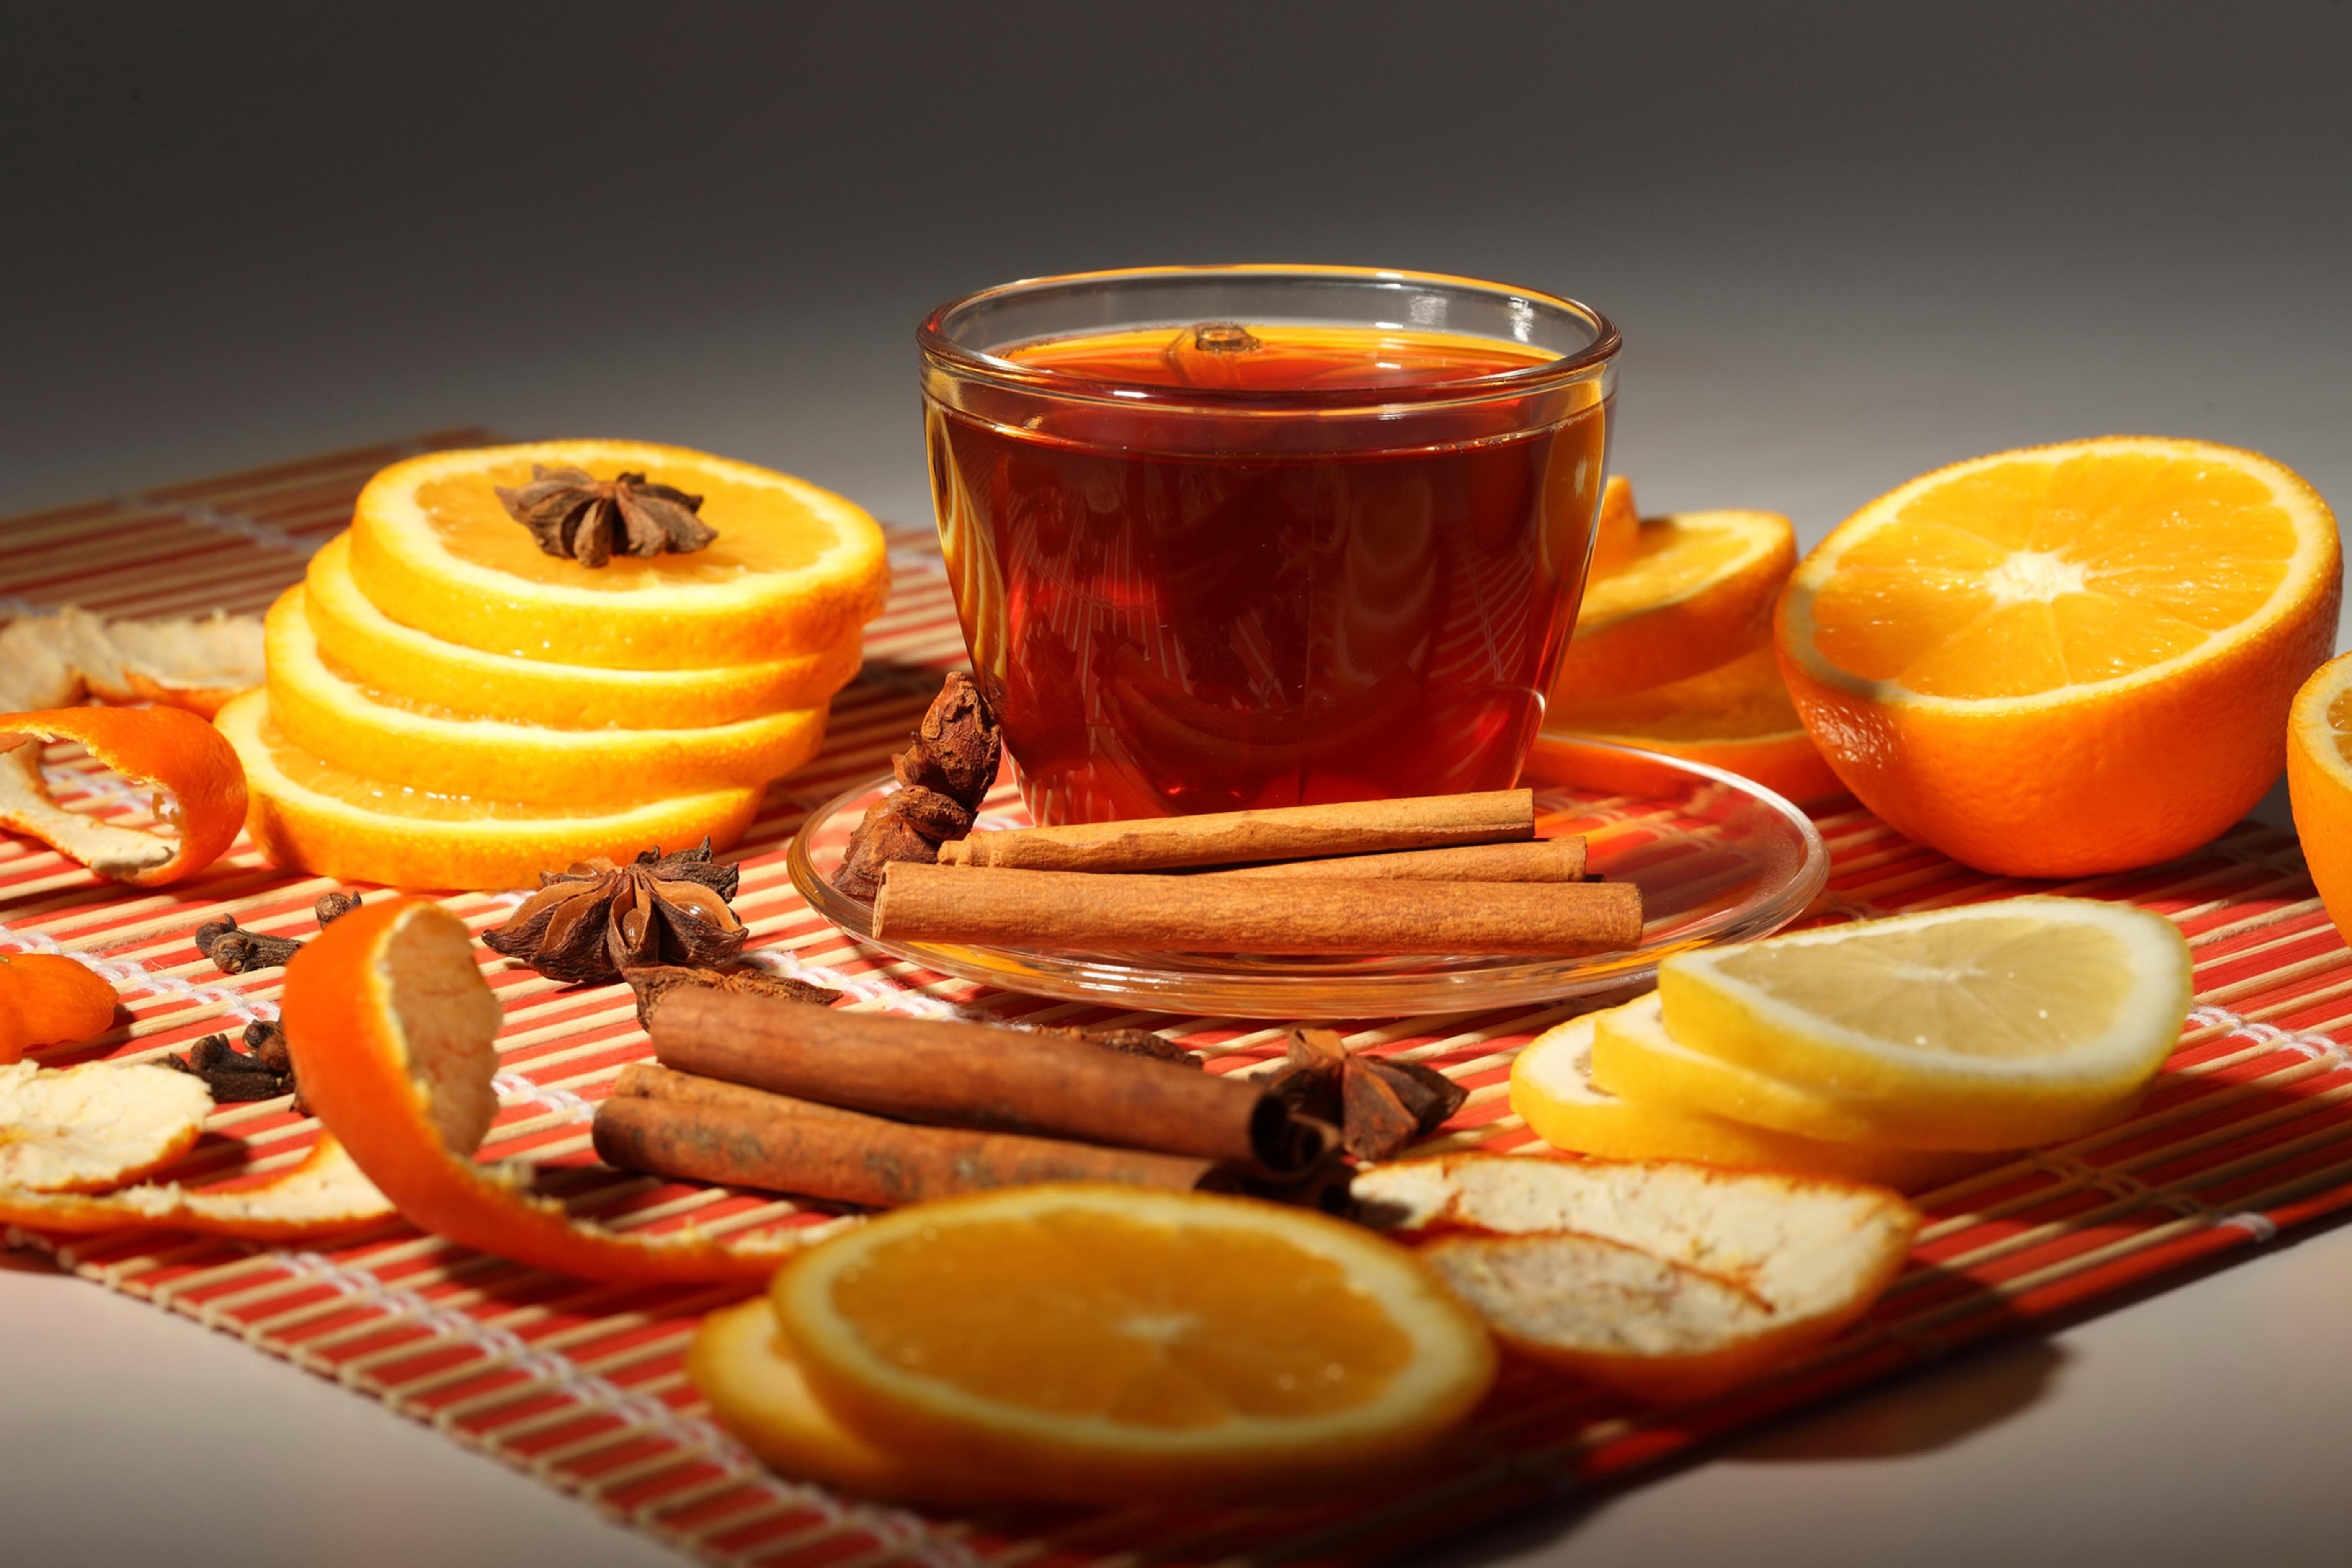 Чай и сухофрукты  № 674191 без смс